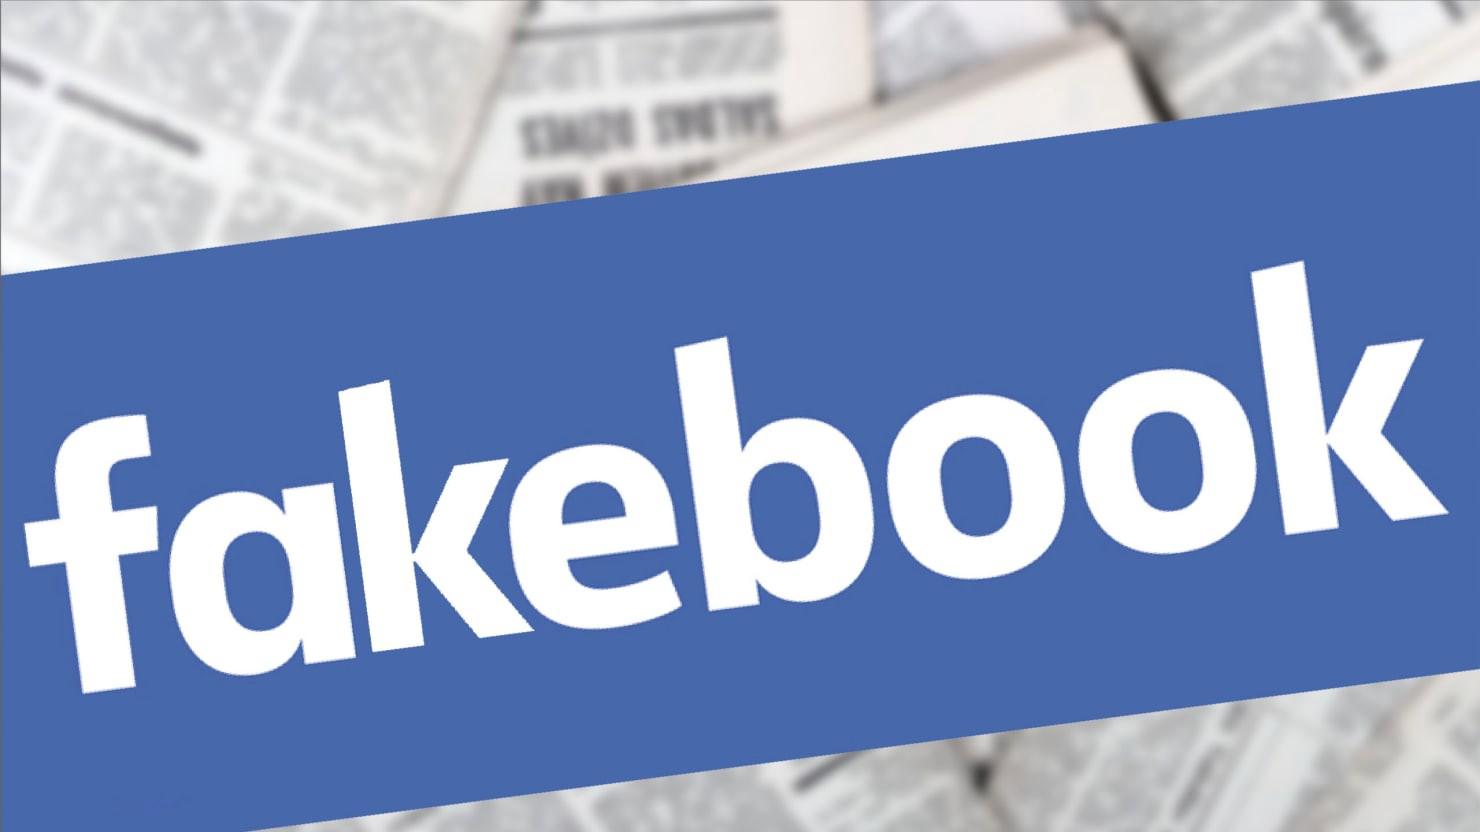 """من ينس تورط """"فيسبوك"""" في ظاهرة """"الأخبار الكاذبة"""" المضرة بالديمقراطية؟ (موقع """"ميديوم.كوم"""")"""